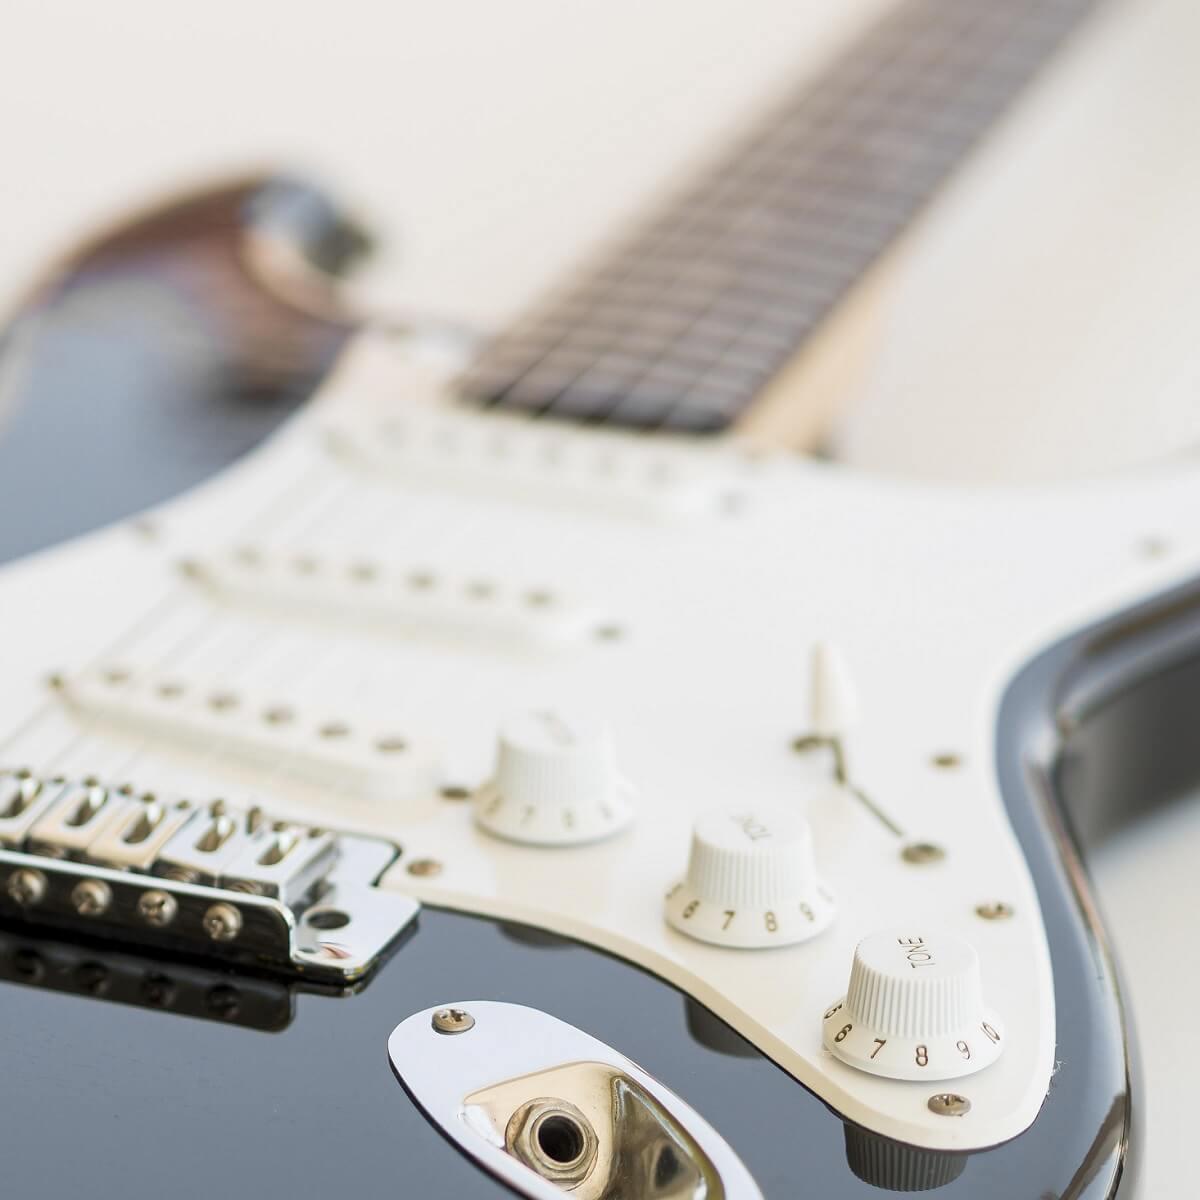 エレクトリックギターを近くで撮影。